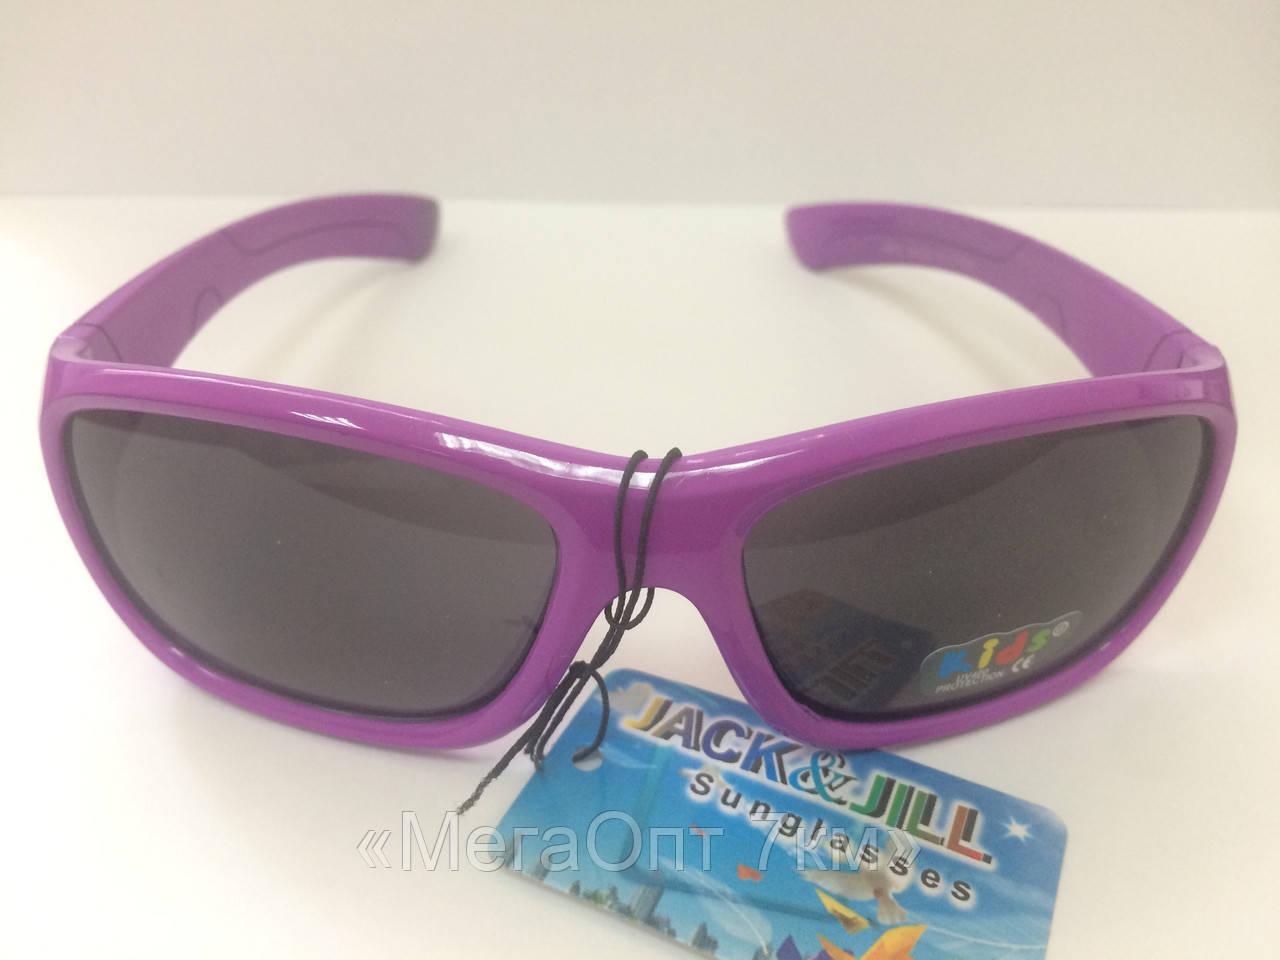 Детские солнцезащитные очки Kids — купить оптом в одессе 7км - «МегаОпт 7км»  в 922fed134ed